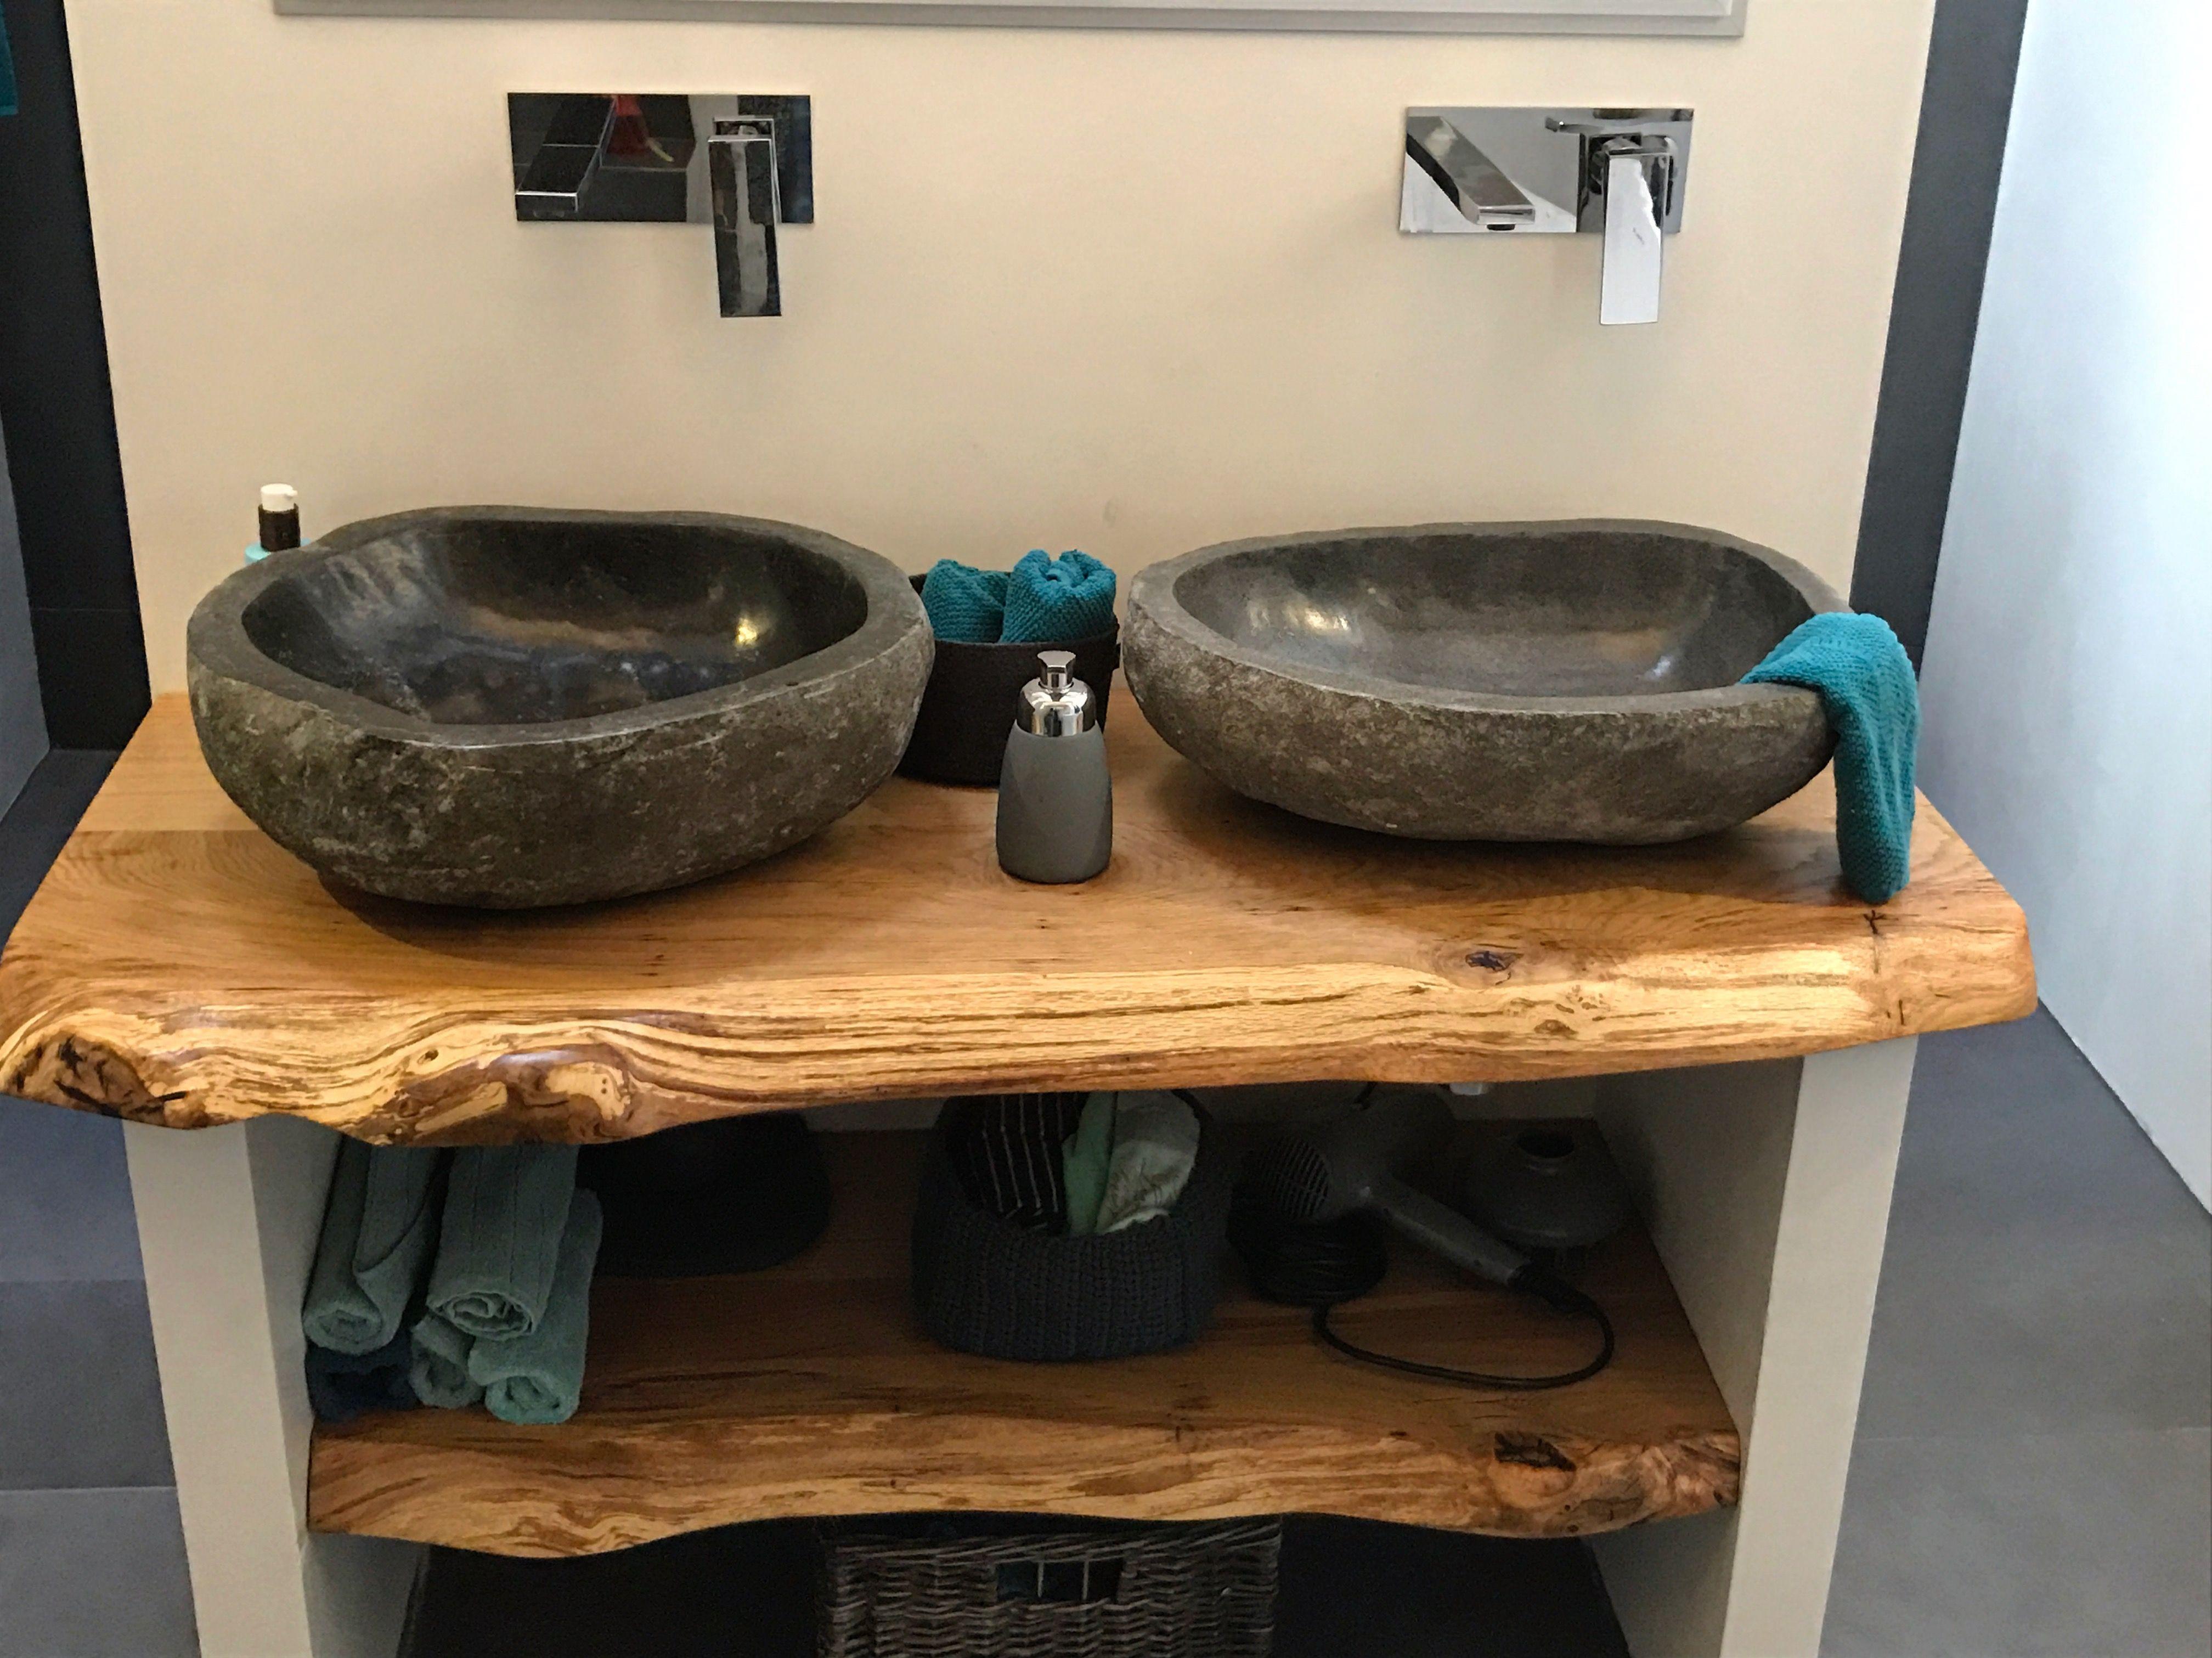 Badezimmer Waschbecken Waschtischplatte Waschtisch